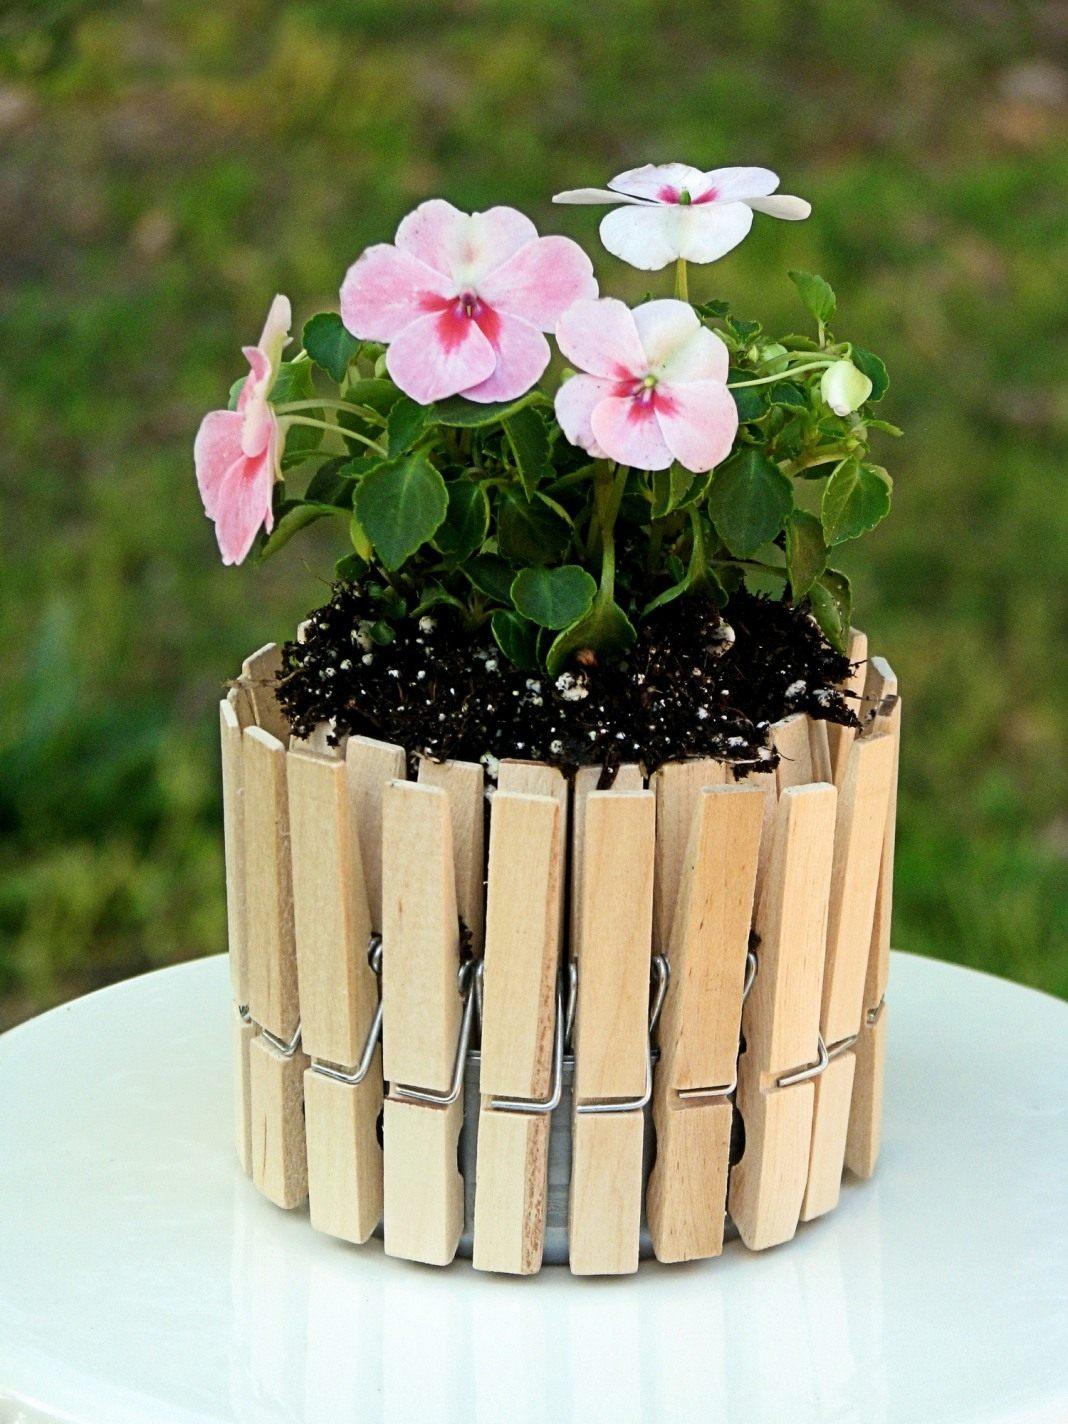 К чему во сне дарить искусственные цветы